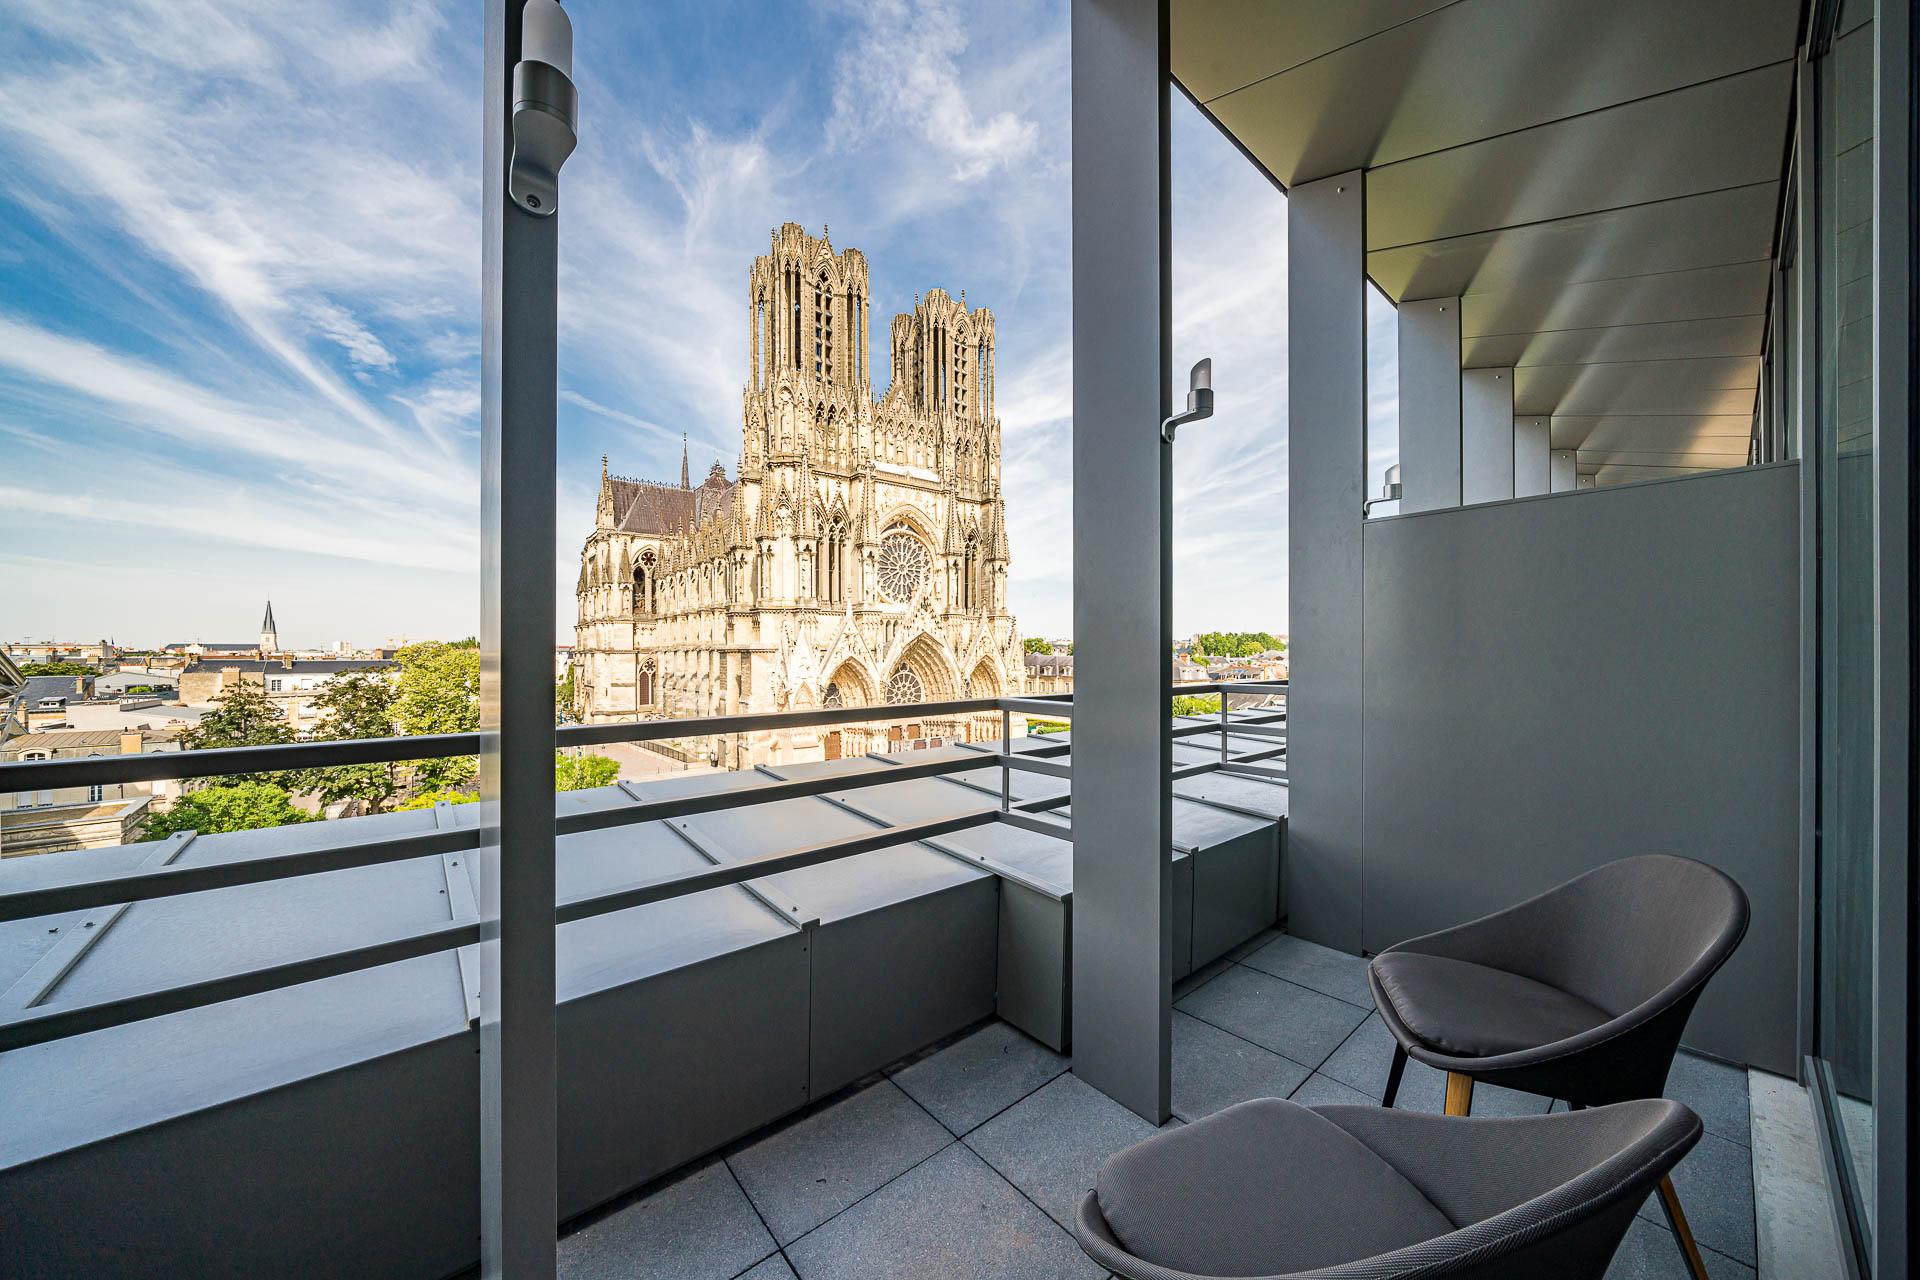 Située au cœur du centre-ville de Reims, dans une ancienne caserne de pompiers des années 1920, La Caserne Chanzy Hôtel & Spa offre 89 chambres dont 17 suites aux vues spectaculaires sur la cathédrale Notre-Dame de Reims inscrite au patrimoine mondial de l'UNESCO. C'est la nouvelle adresse incontournable lors d'une escapade en Champagne.